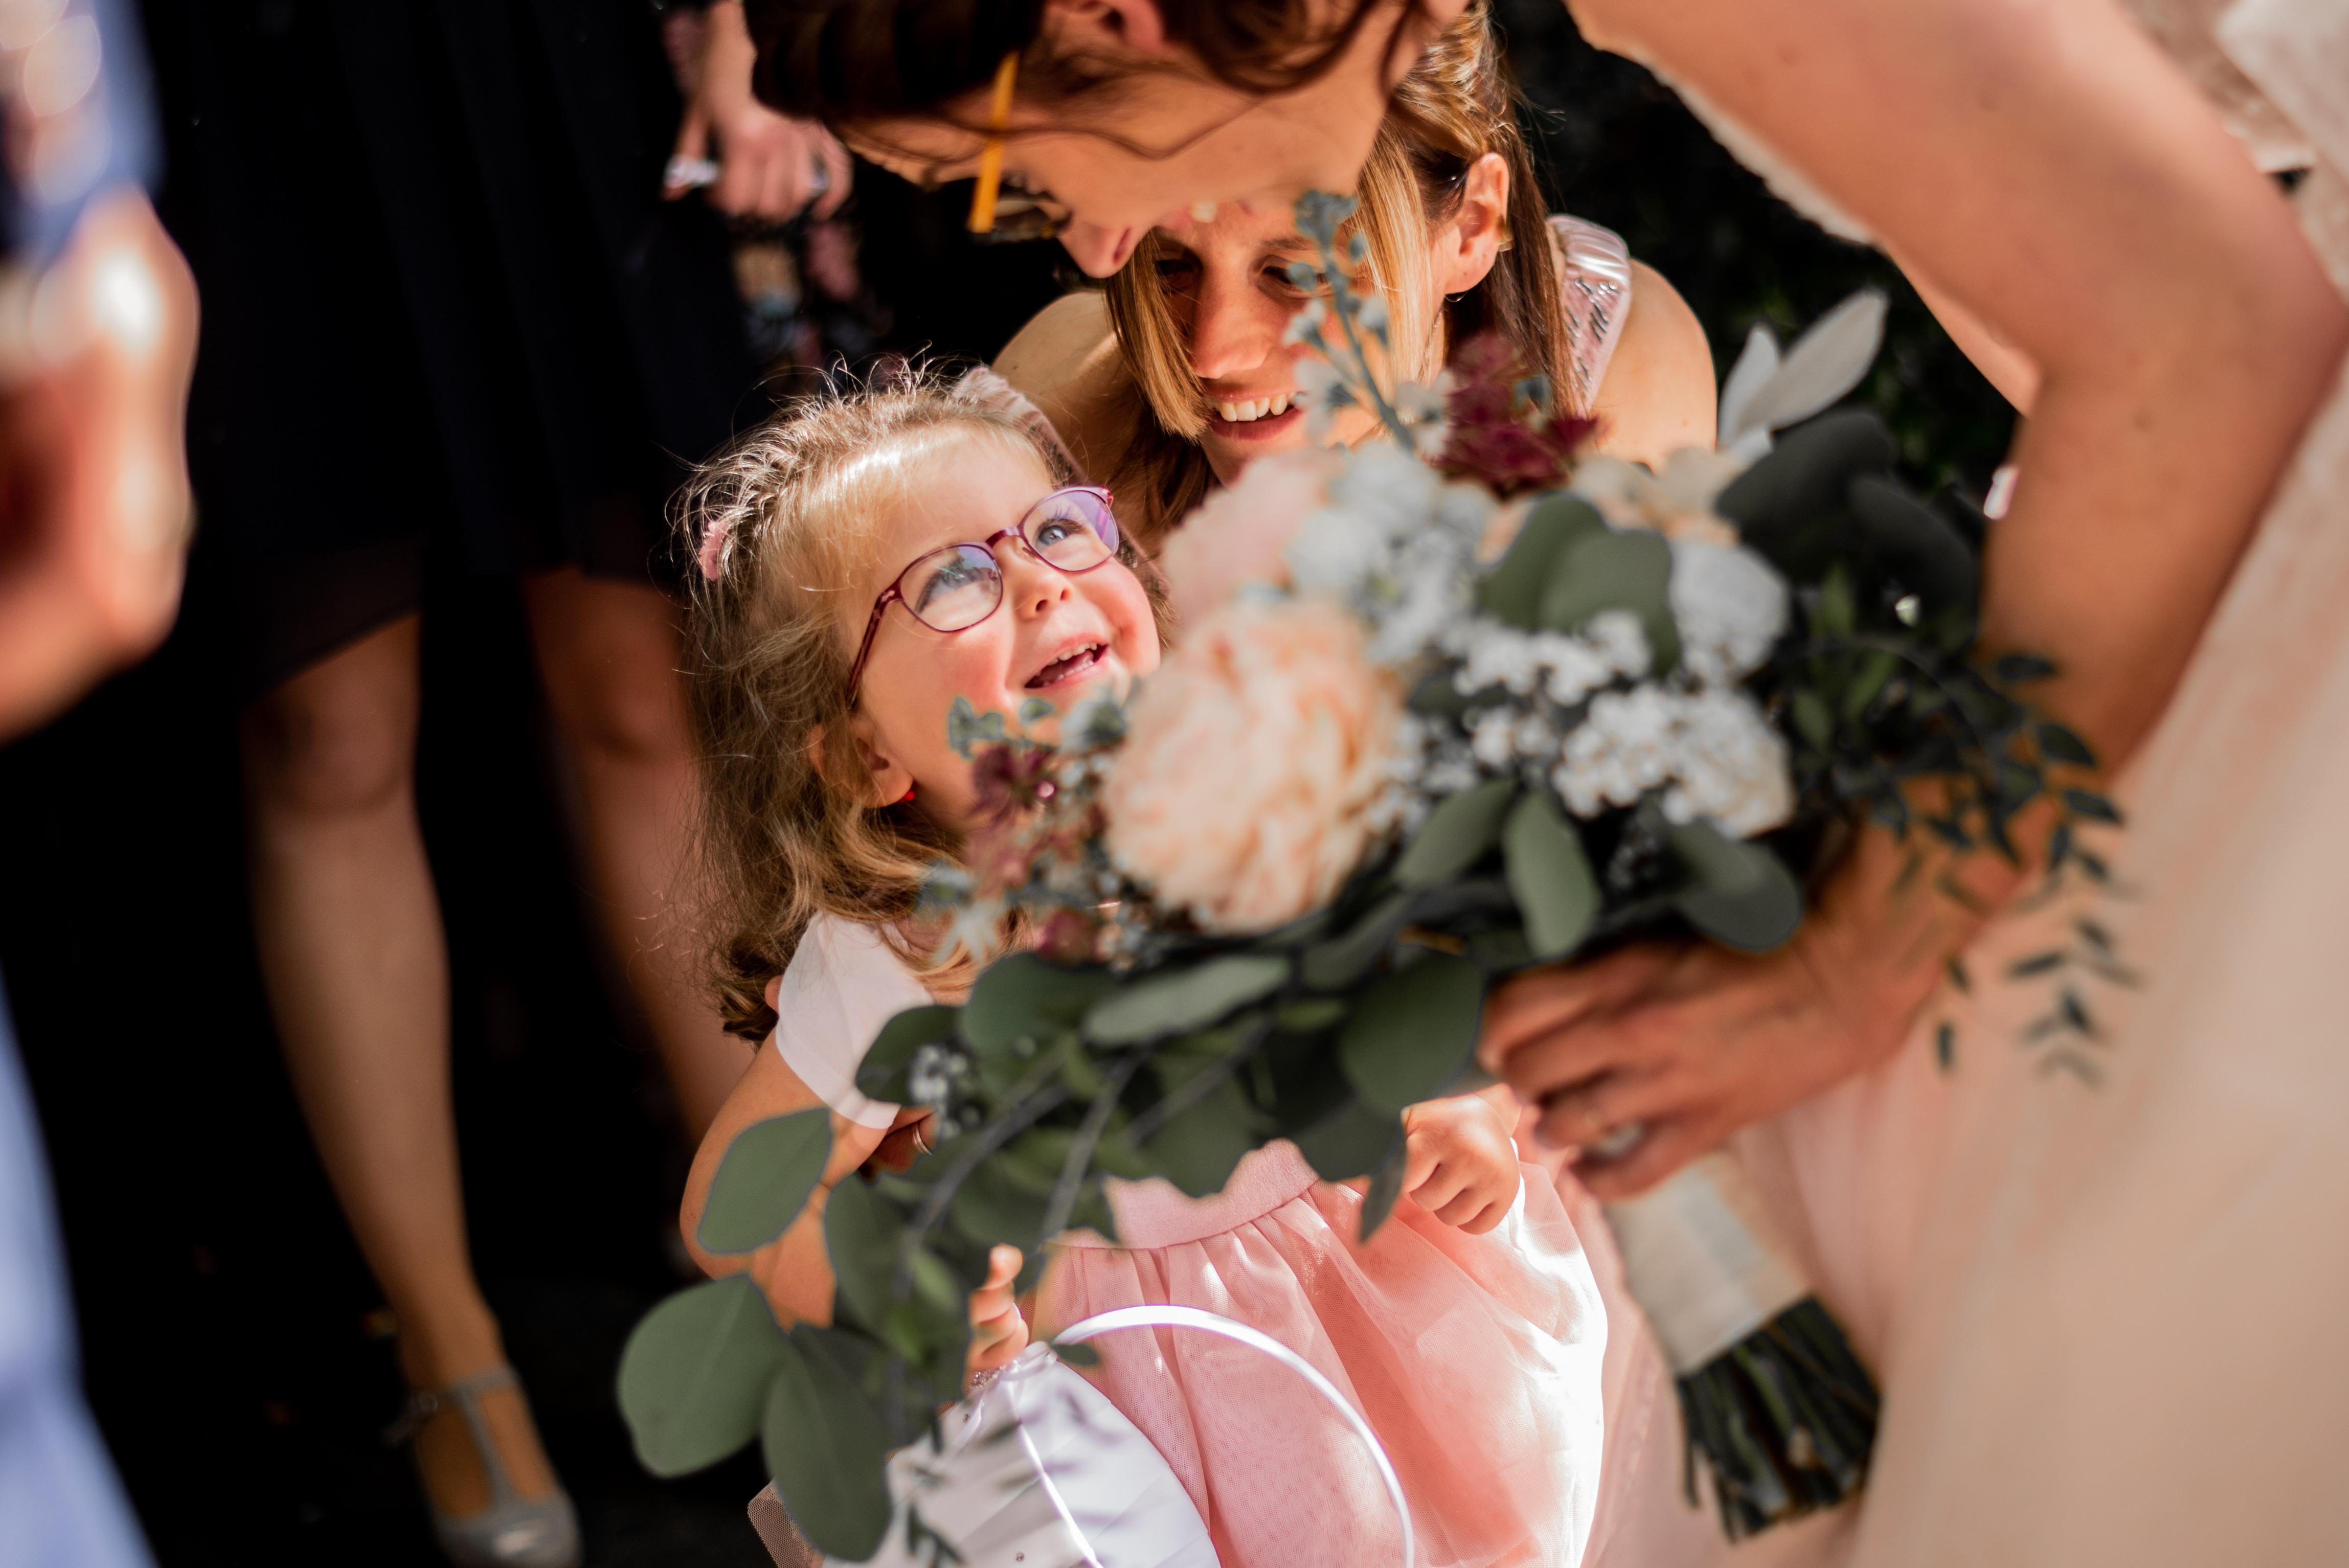 Hochzeitsreportage hochzeit fotografie wedding Brautstrauß Blumen emotionale foto westerwald limburg herborn wetzlar siegen